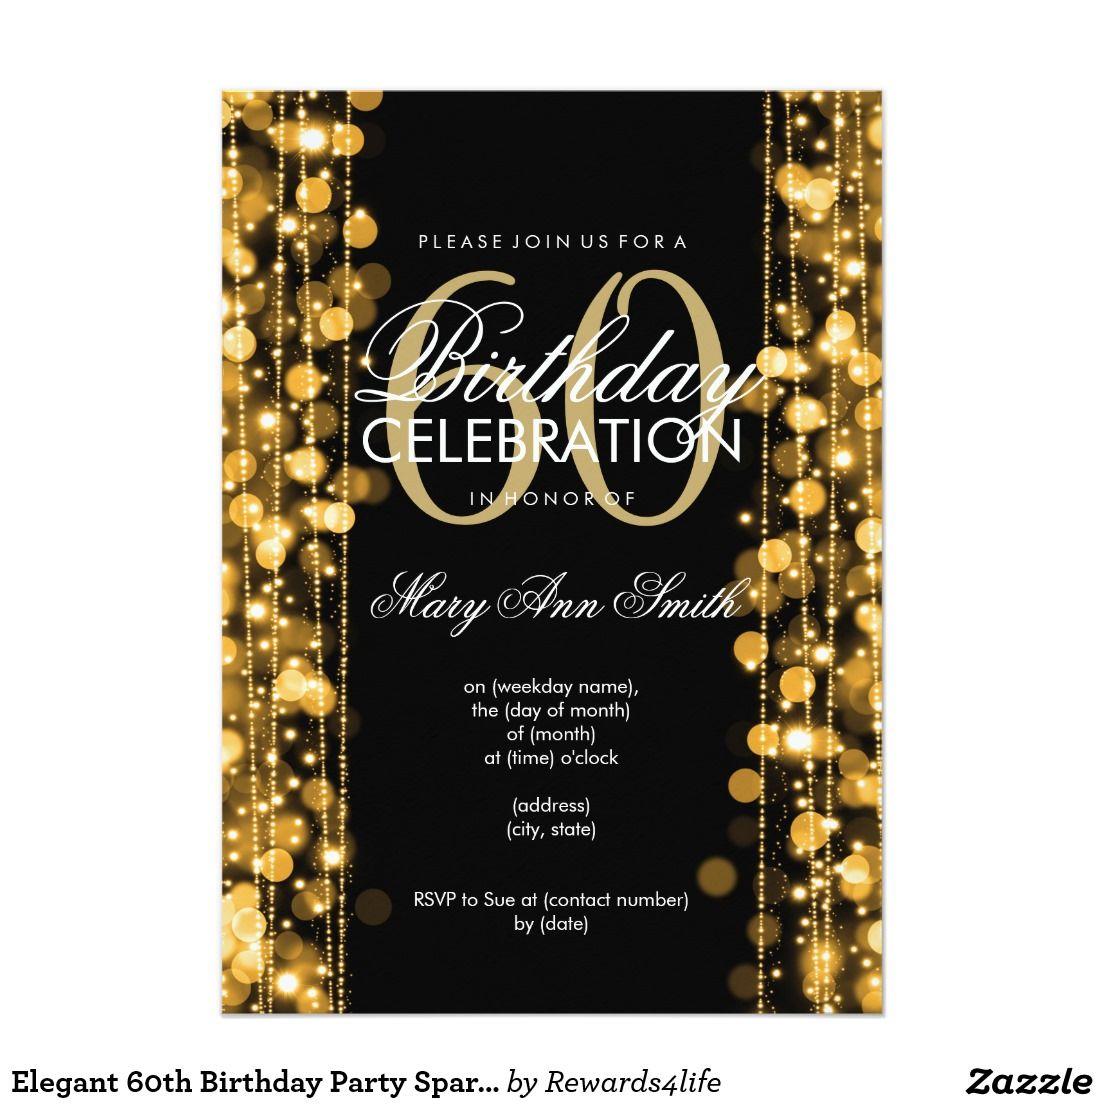 Elegant 60th Birthday Party Sparkles Gold Invitation Milestone